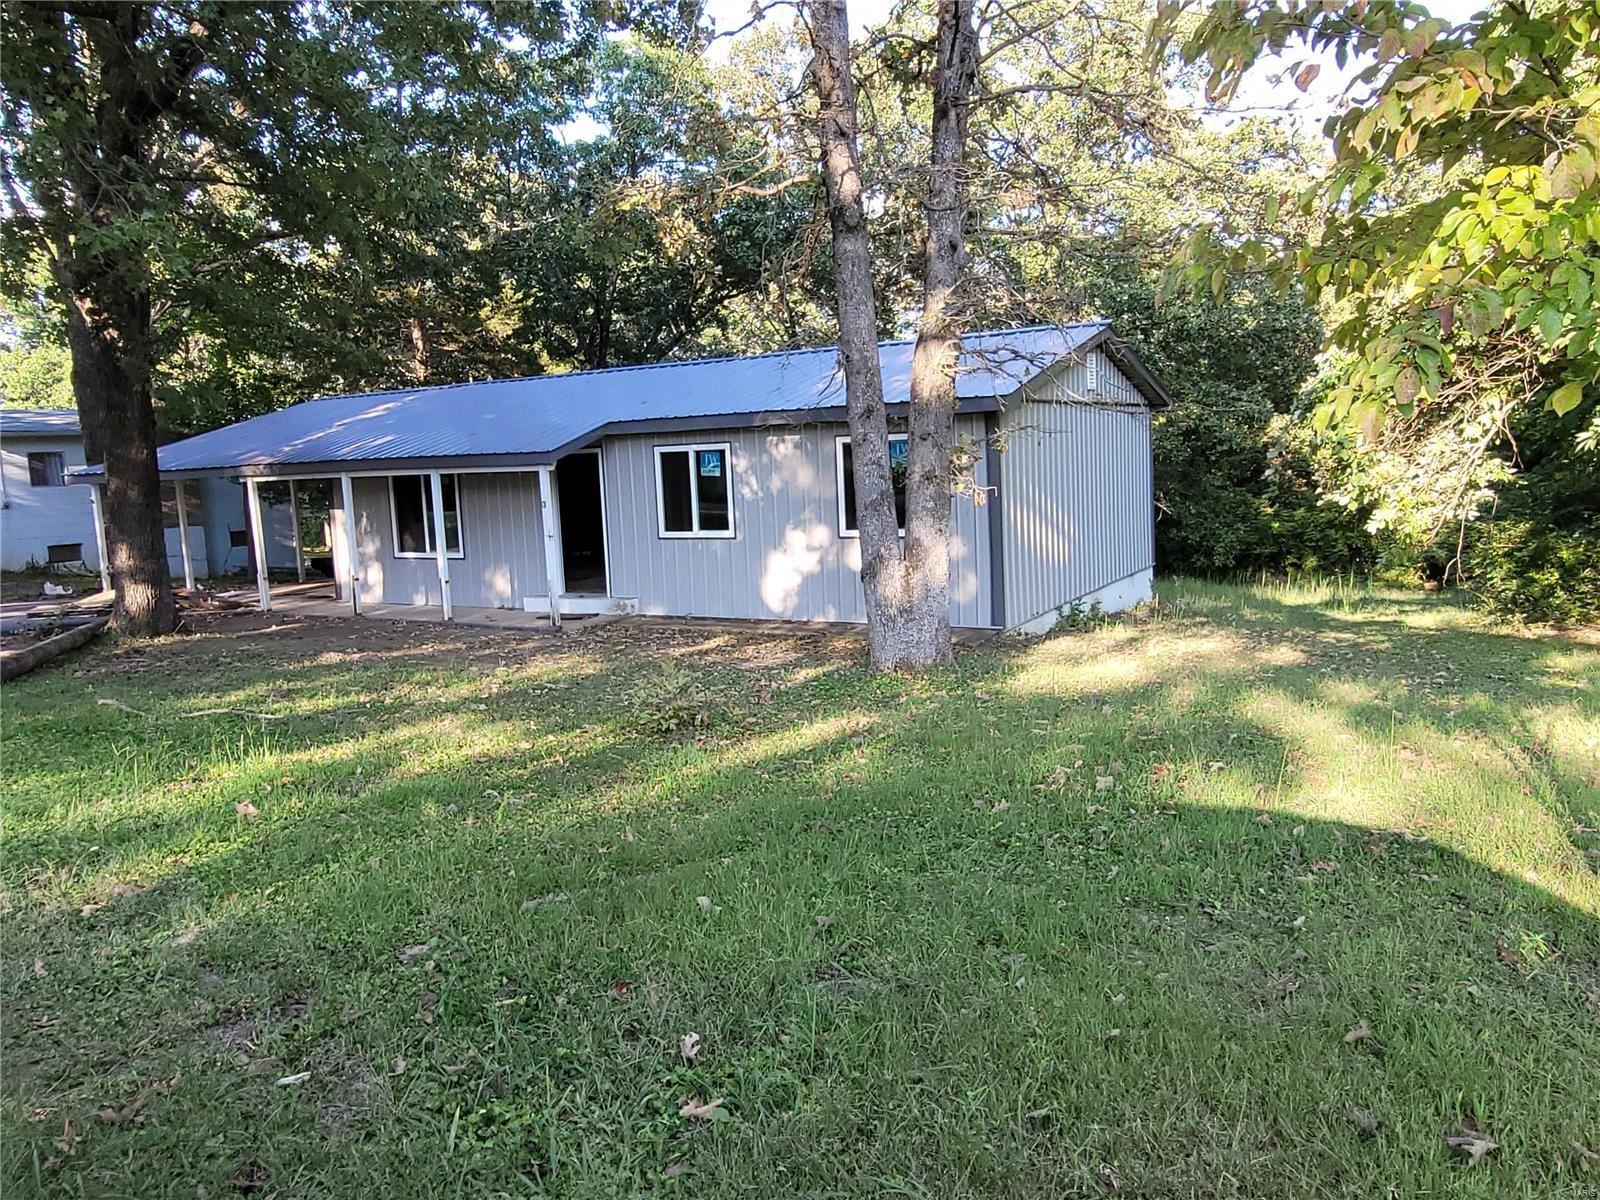 14016 Trails End Drive, De Soto, MO 63020 - MLS#: 21065552